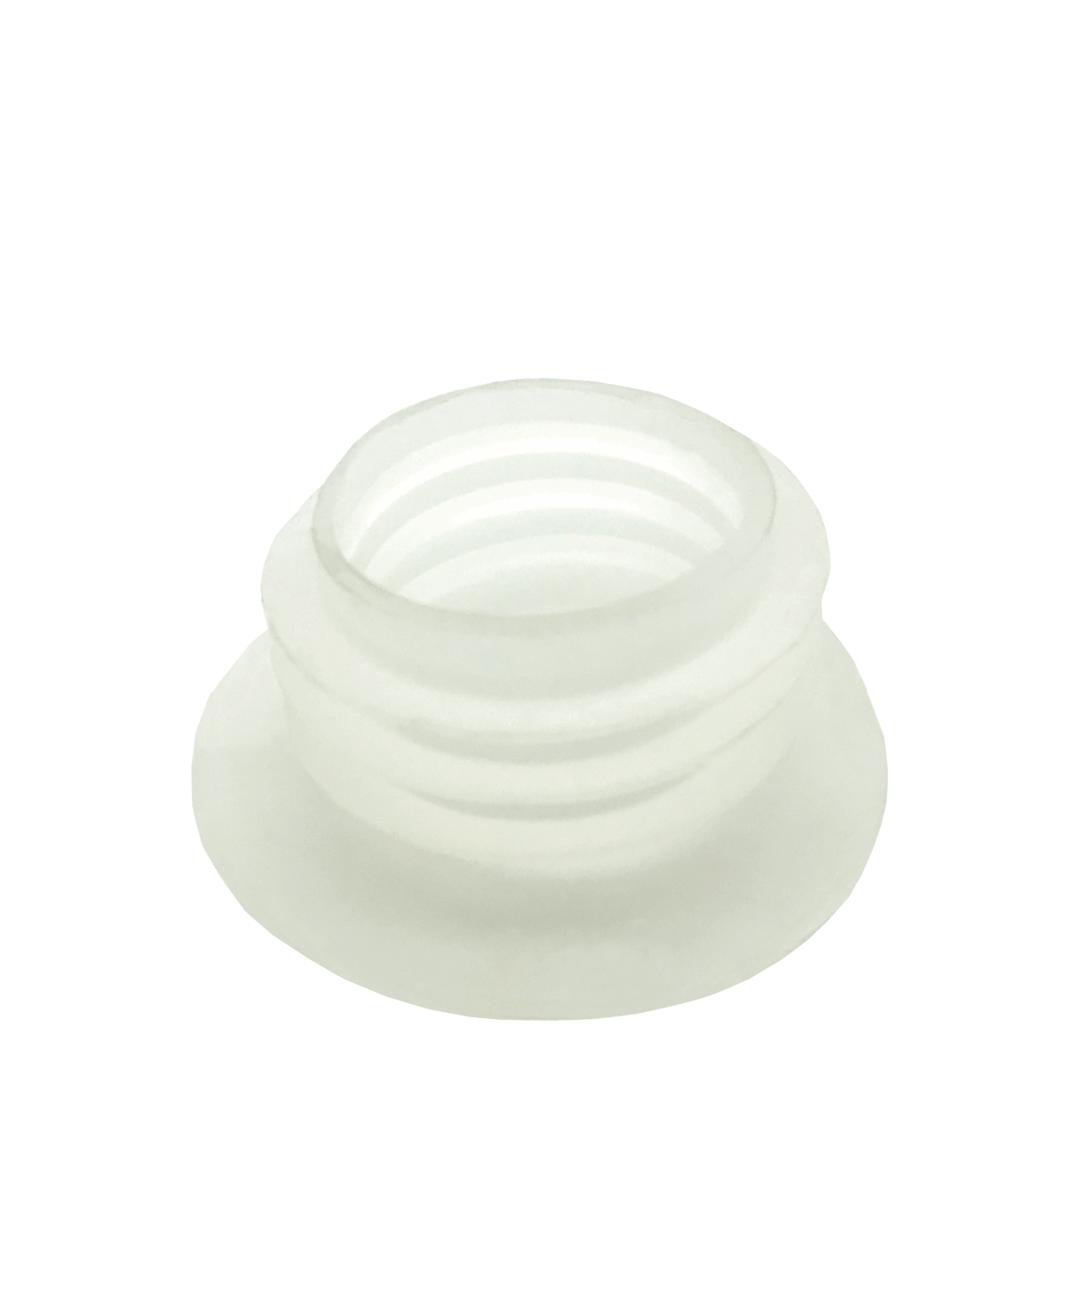 Borracha para Vaso / Base - Silicone Grossa